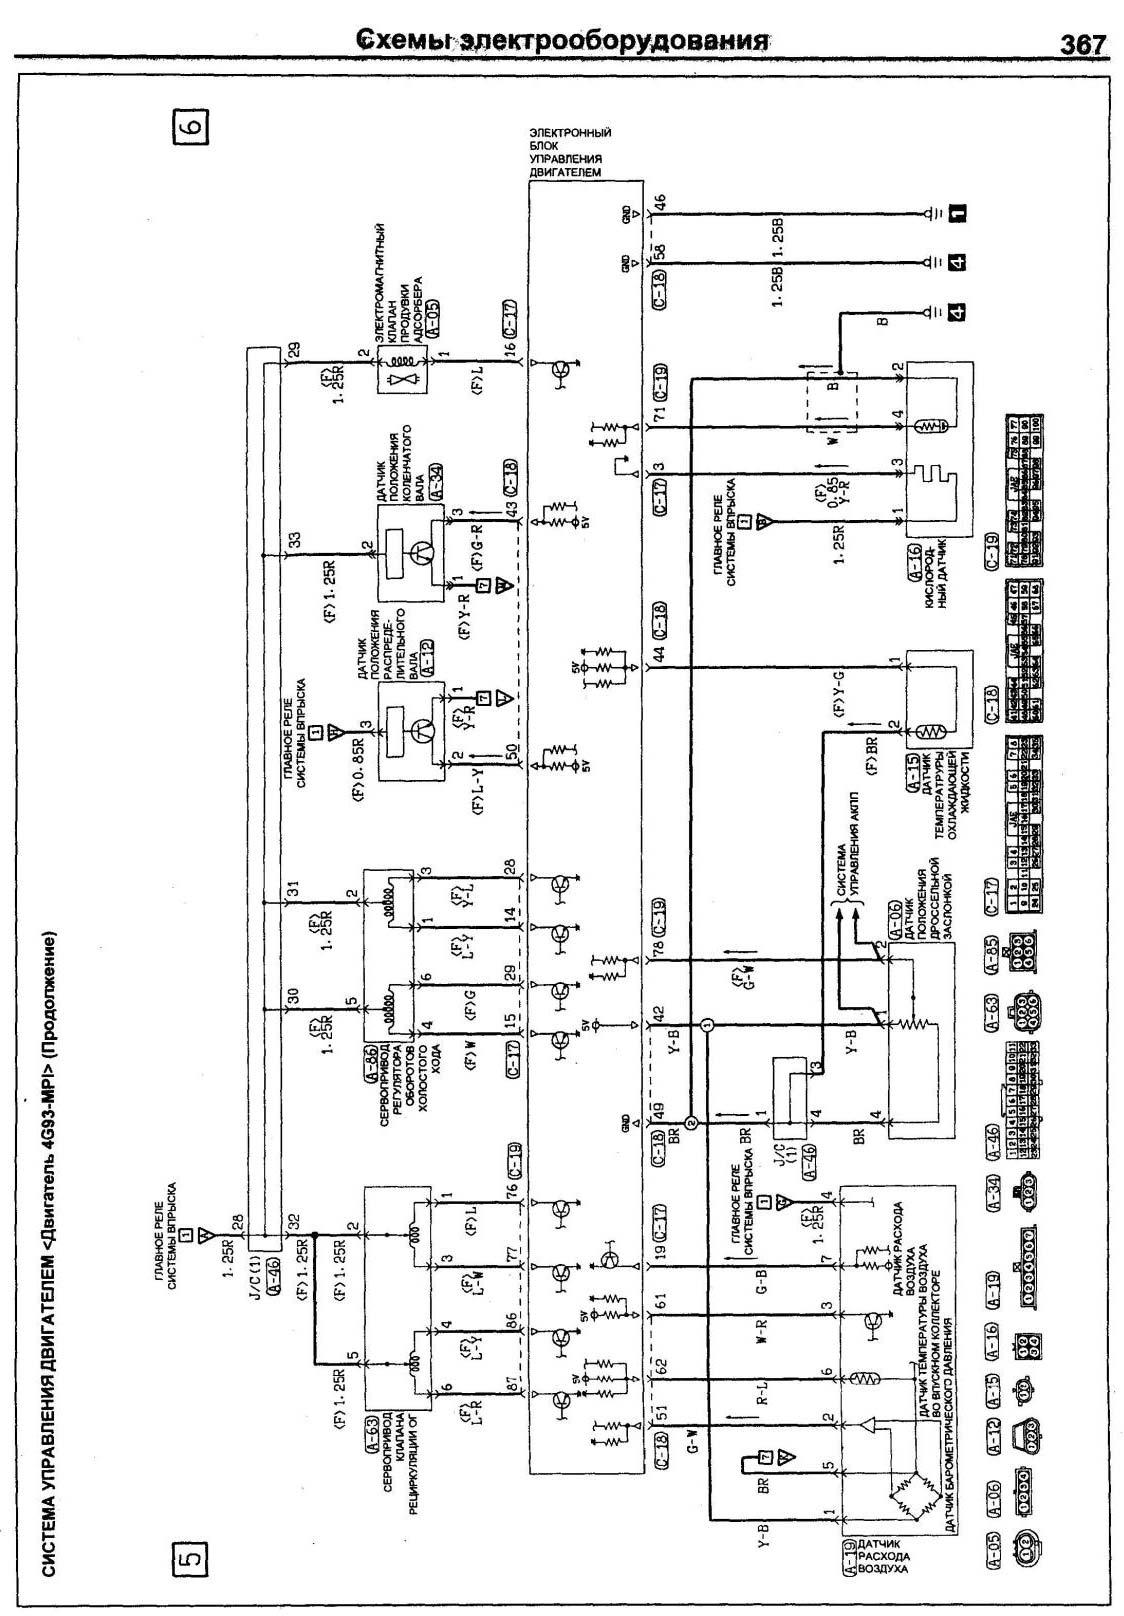 4g93 Mitsubishi Legnum